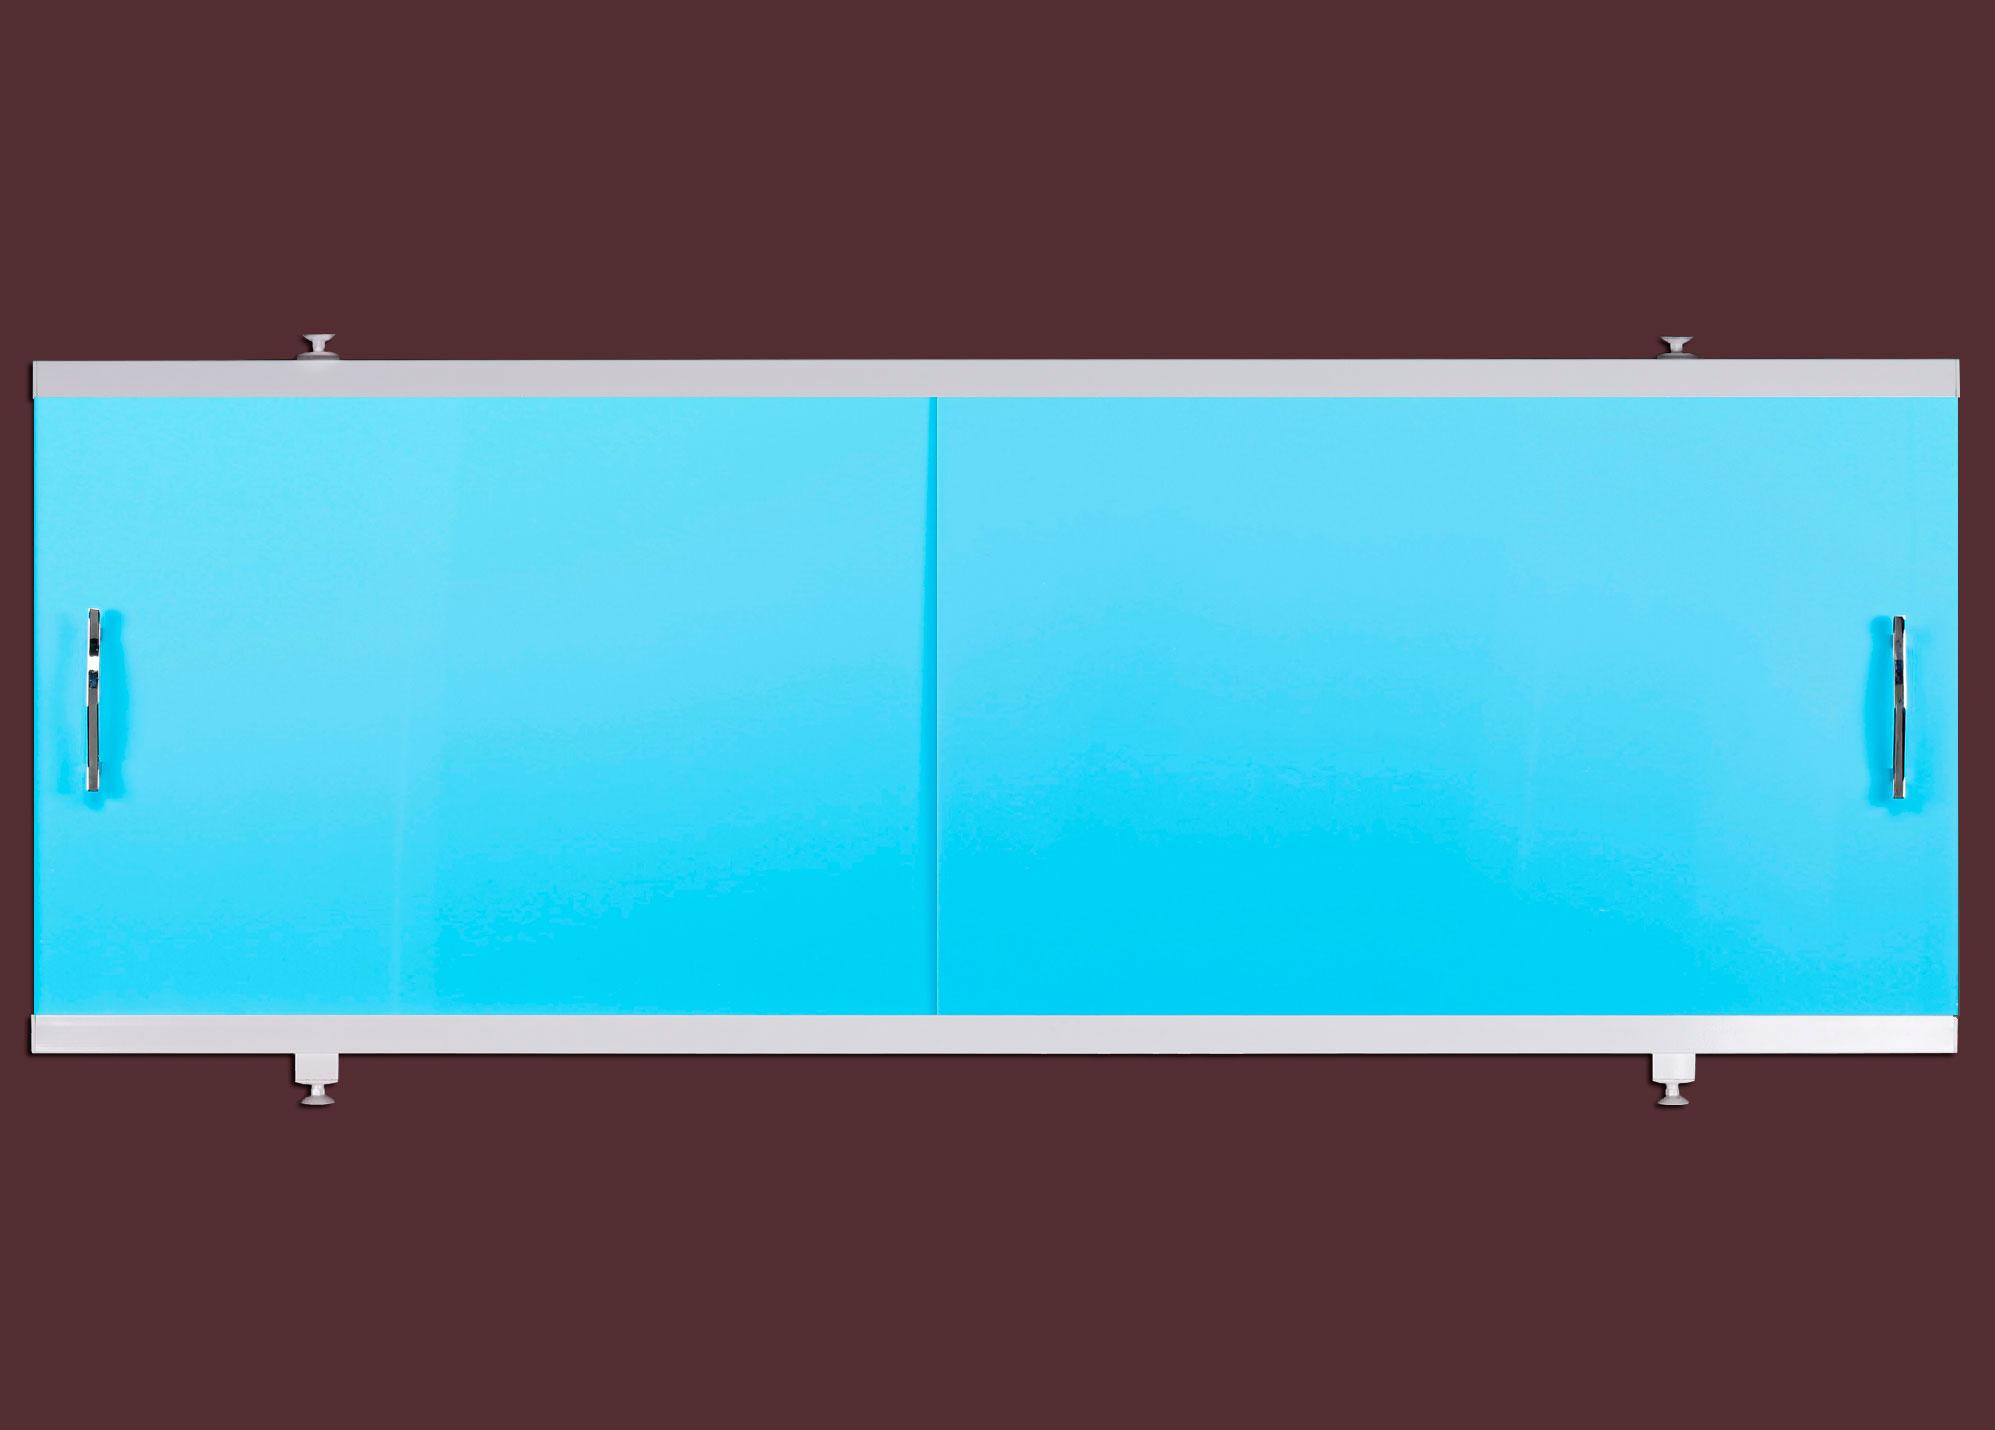 Раздвижной экран под ванну (69 фото): длиной 170 и 150 см, как установить своими руками панели пвх на акриловую ванну